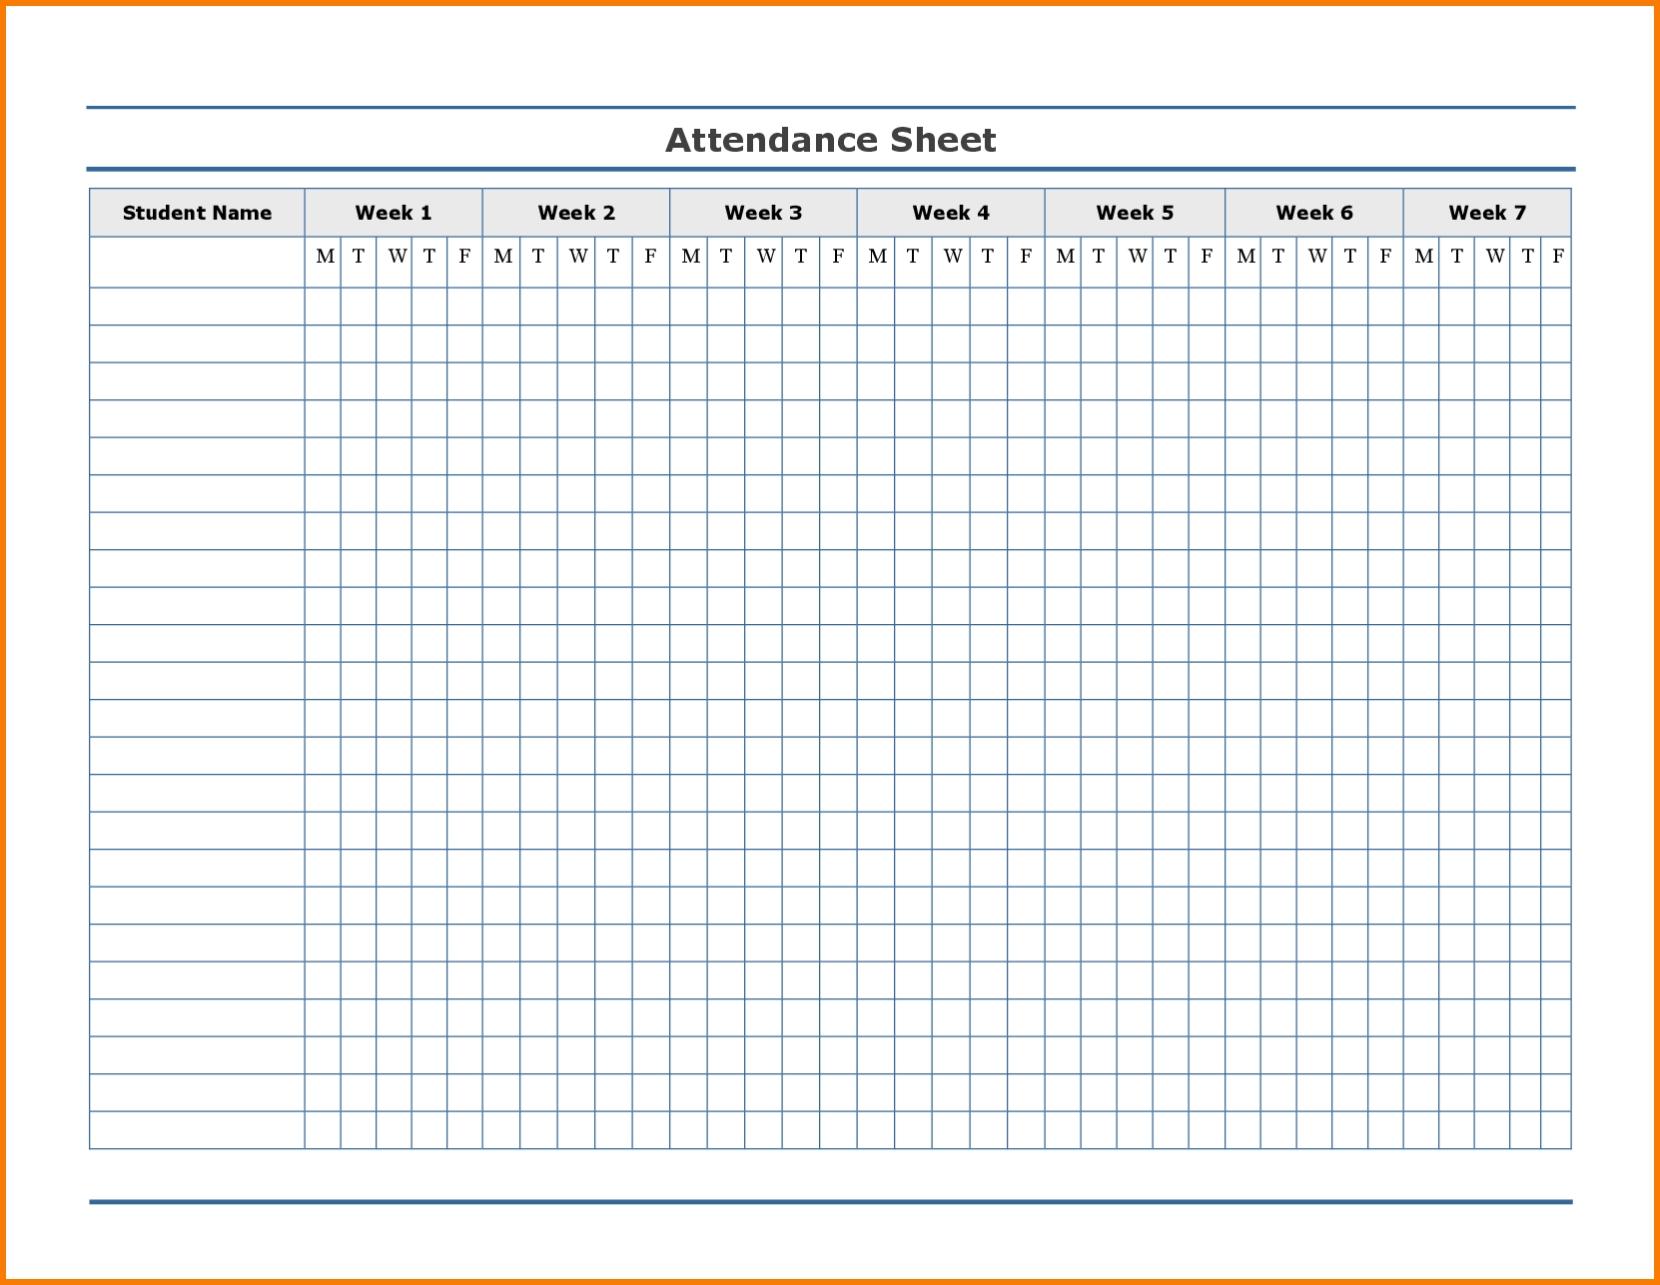 Employee Attendance Excel Sheet | Employee Attendance Sheet-2020 Employee Attendance Calendar Record Template Free